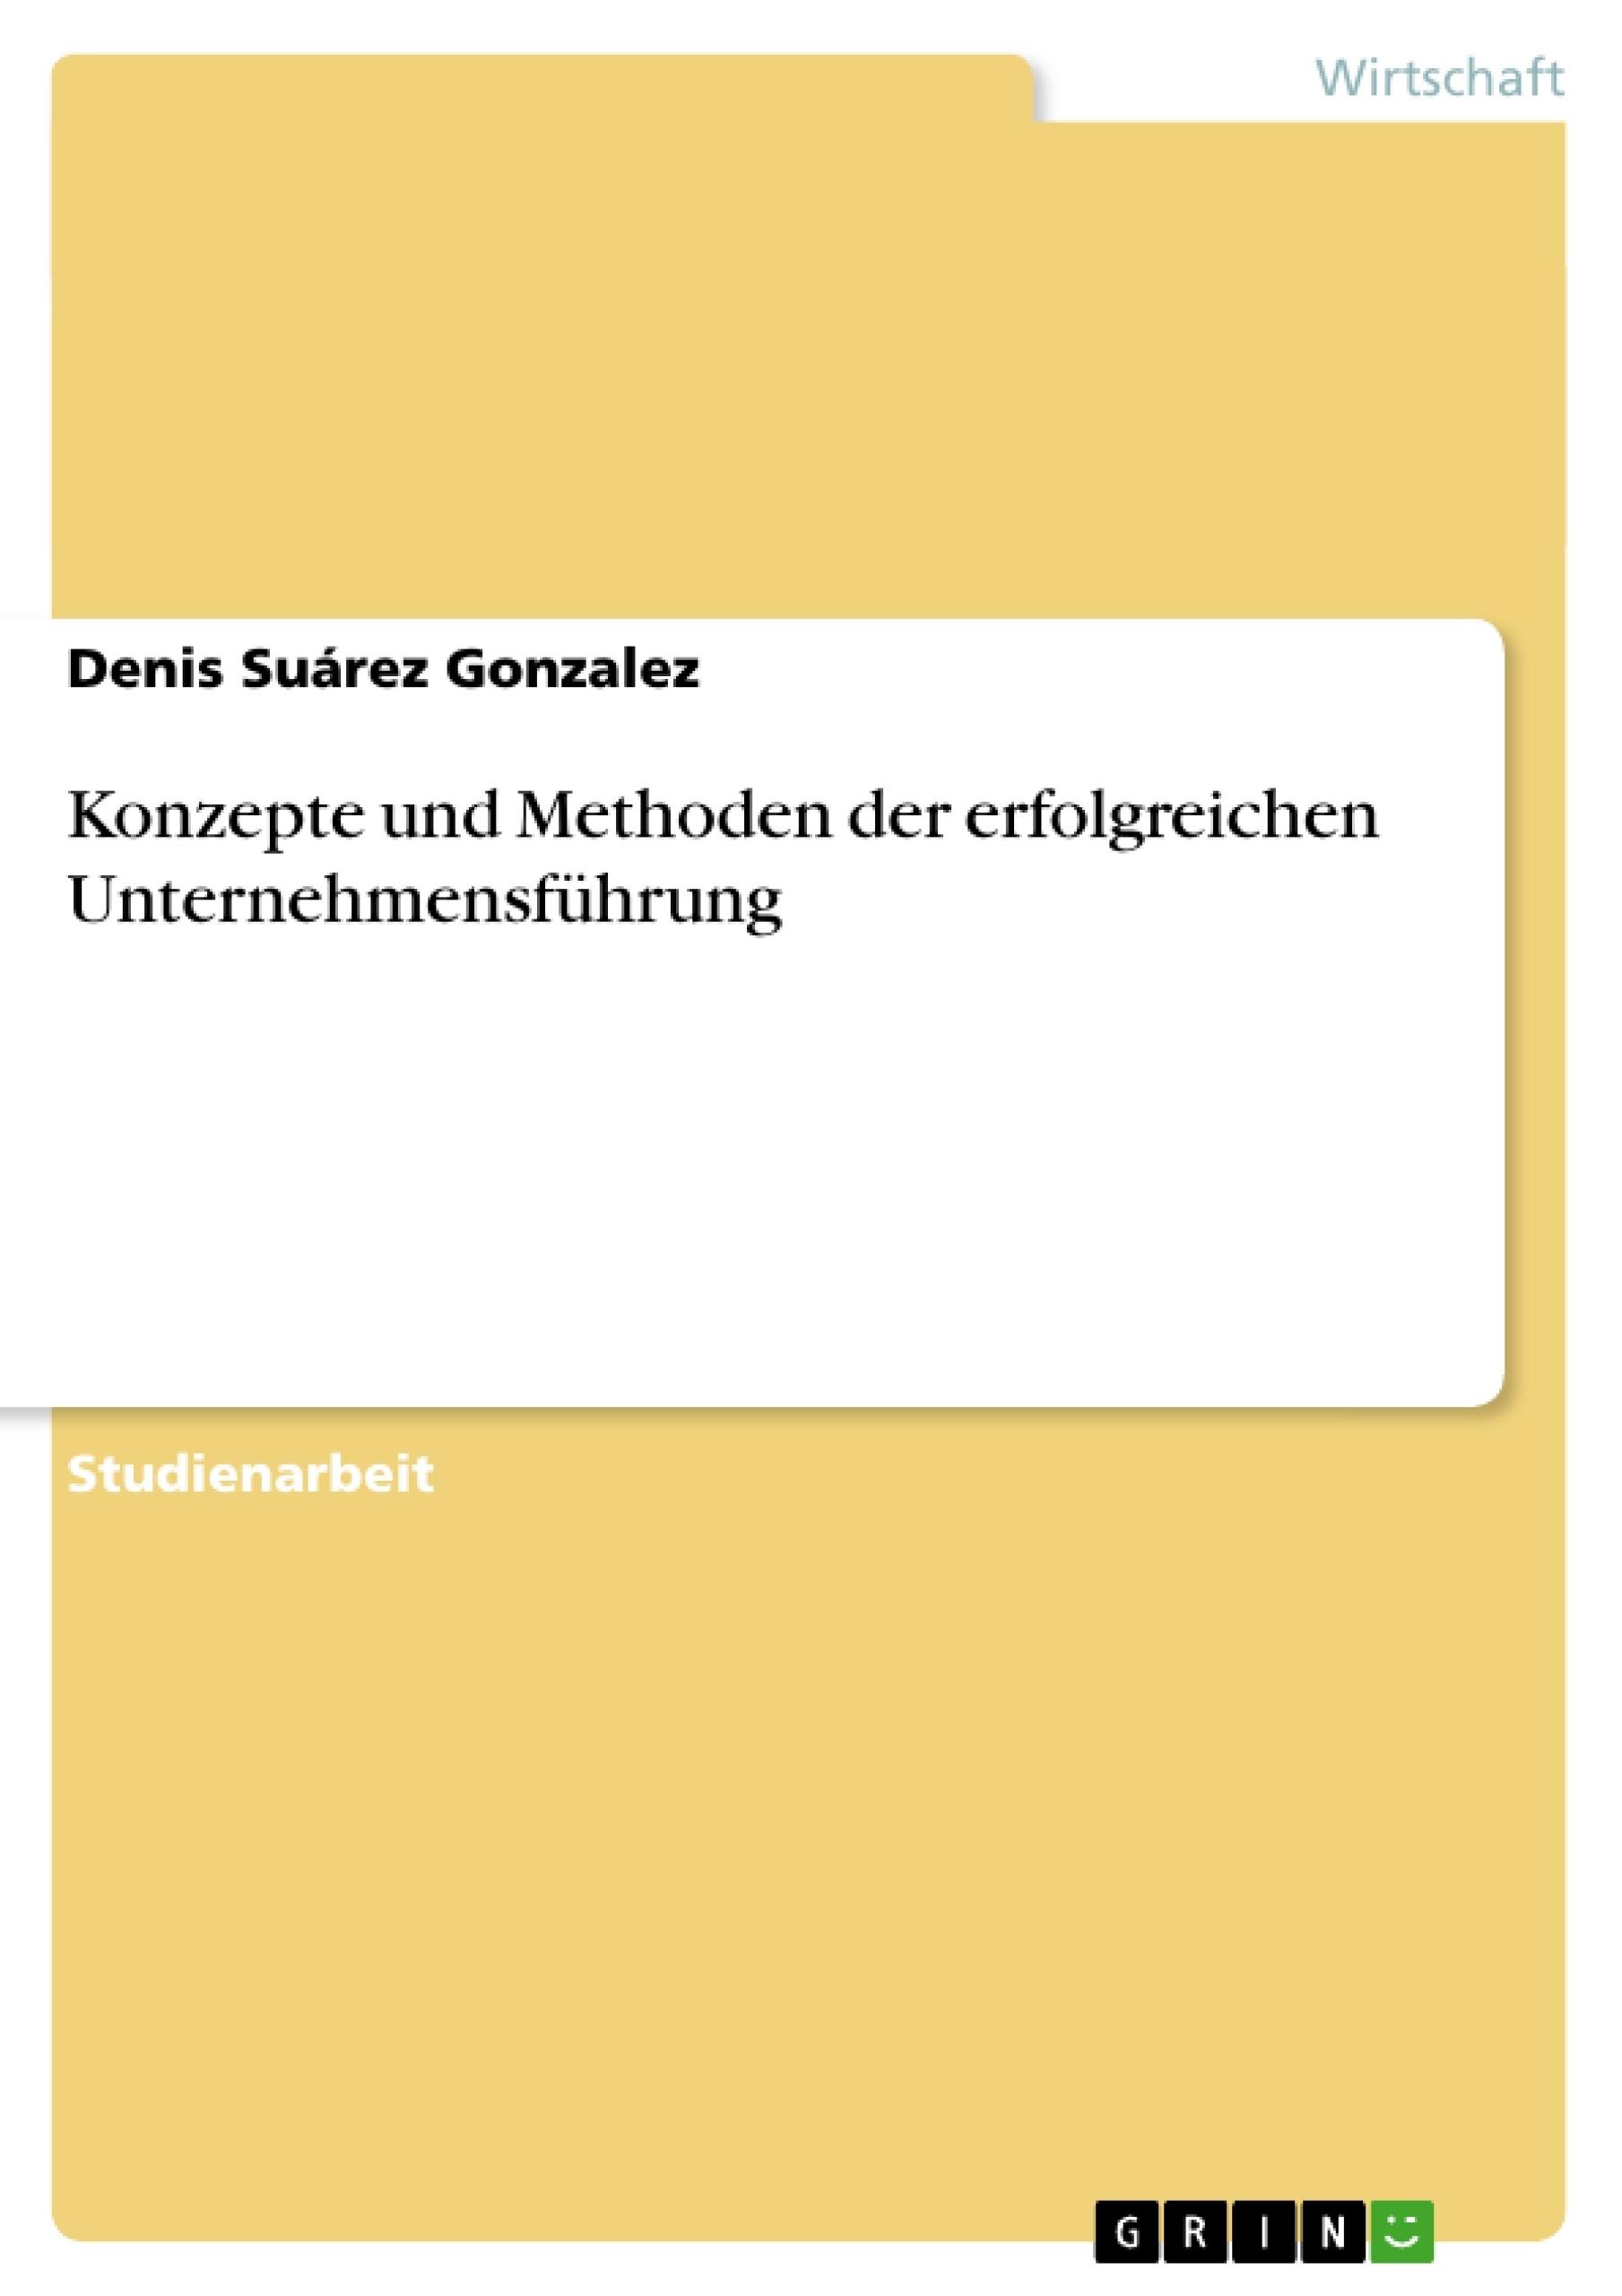 Titel: Konzepte und Methoden der erfolgreichen Unternehmensführung